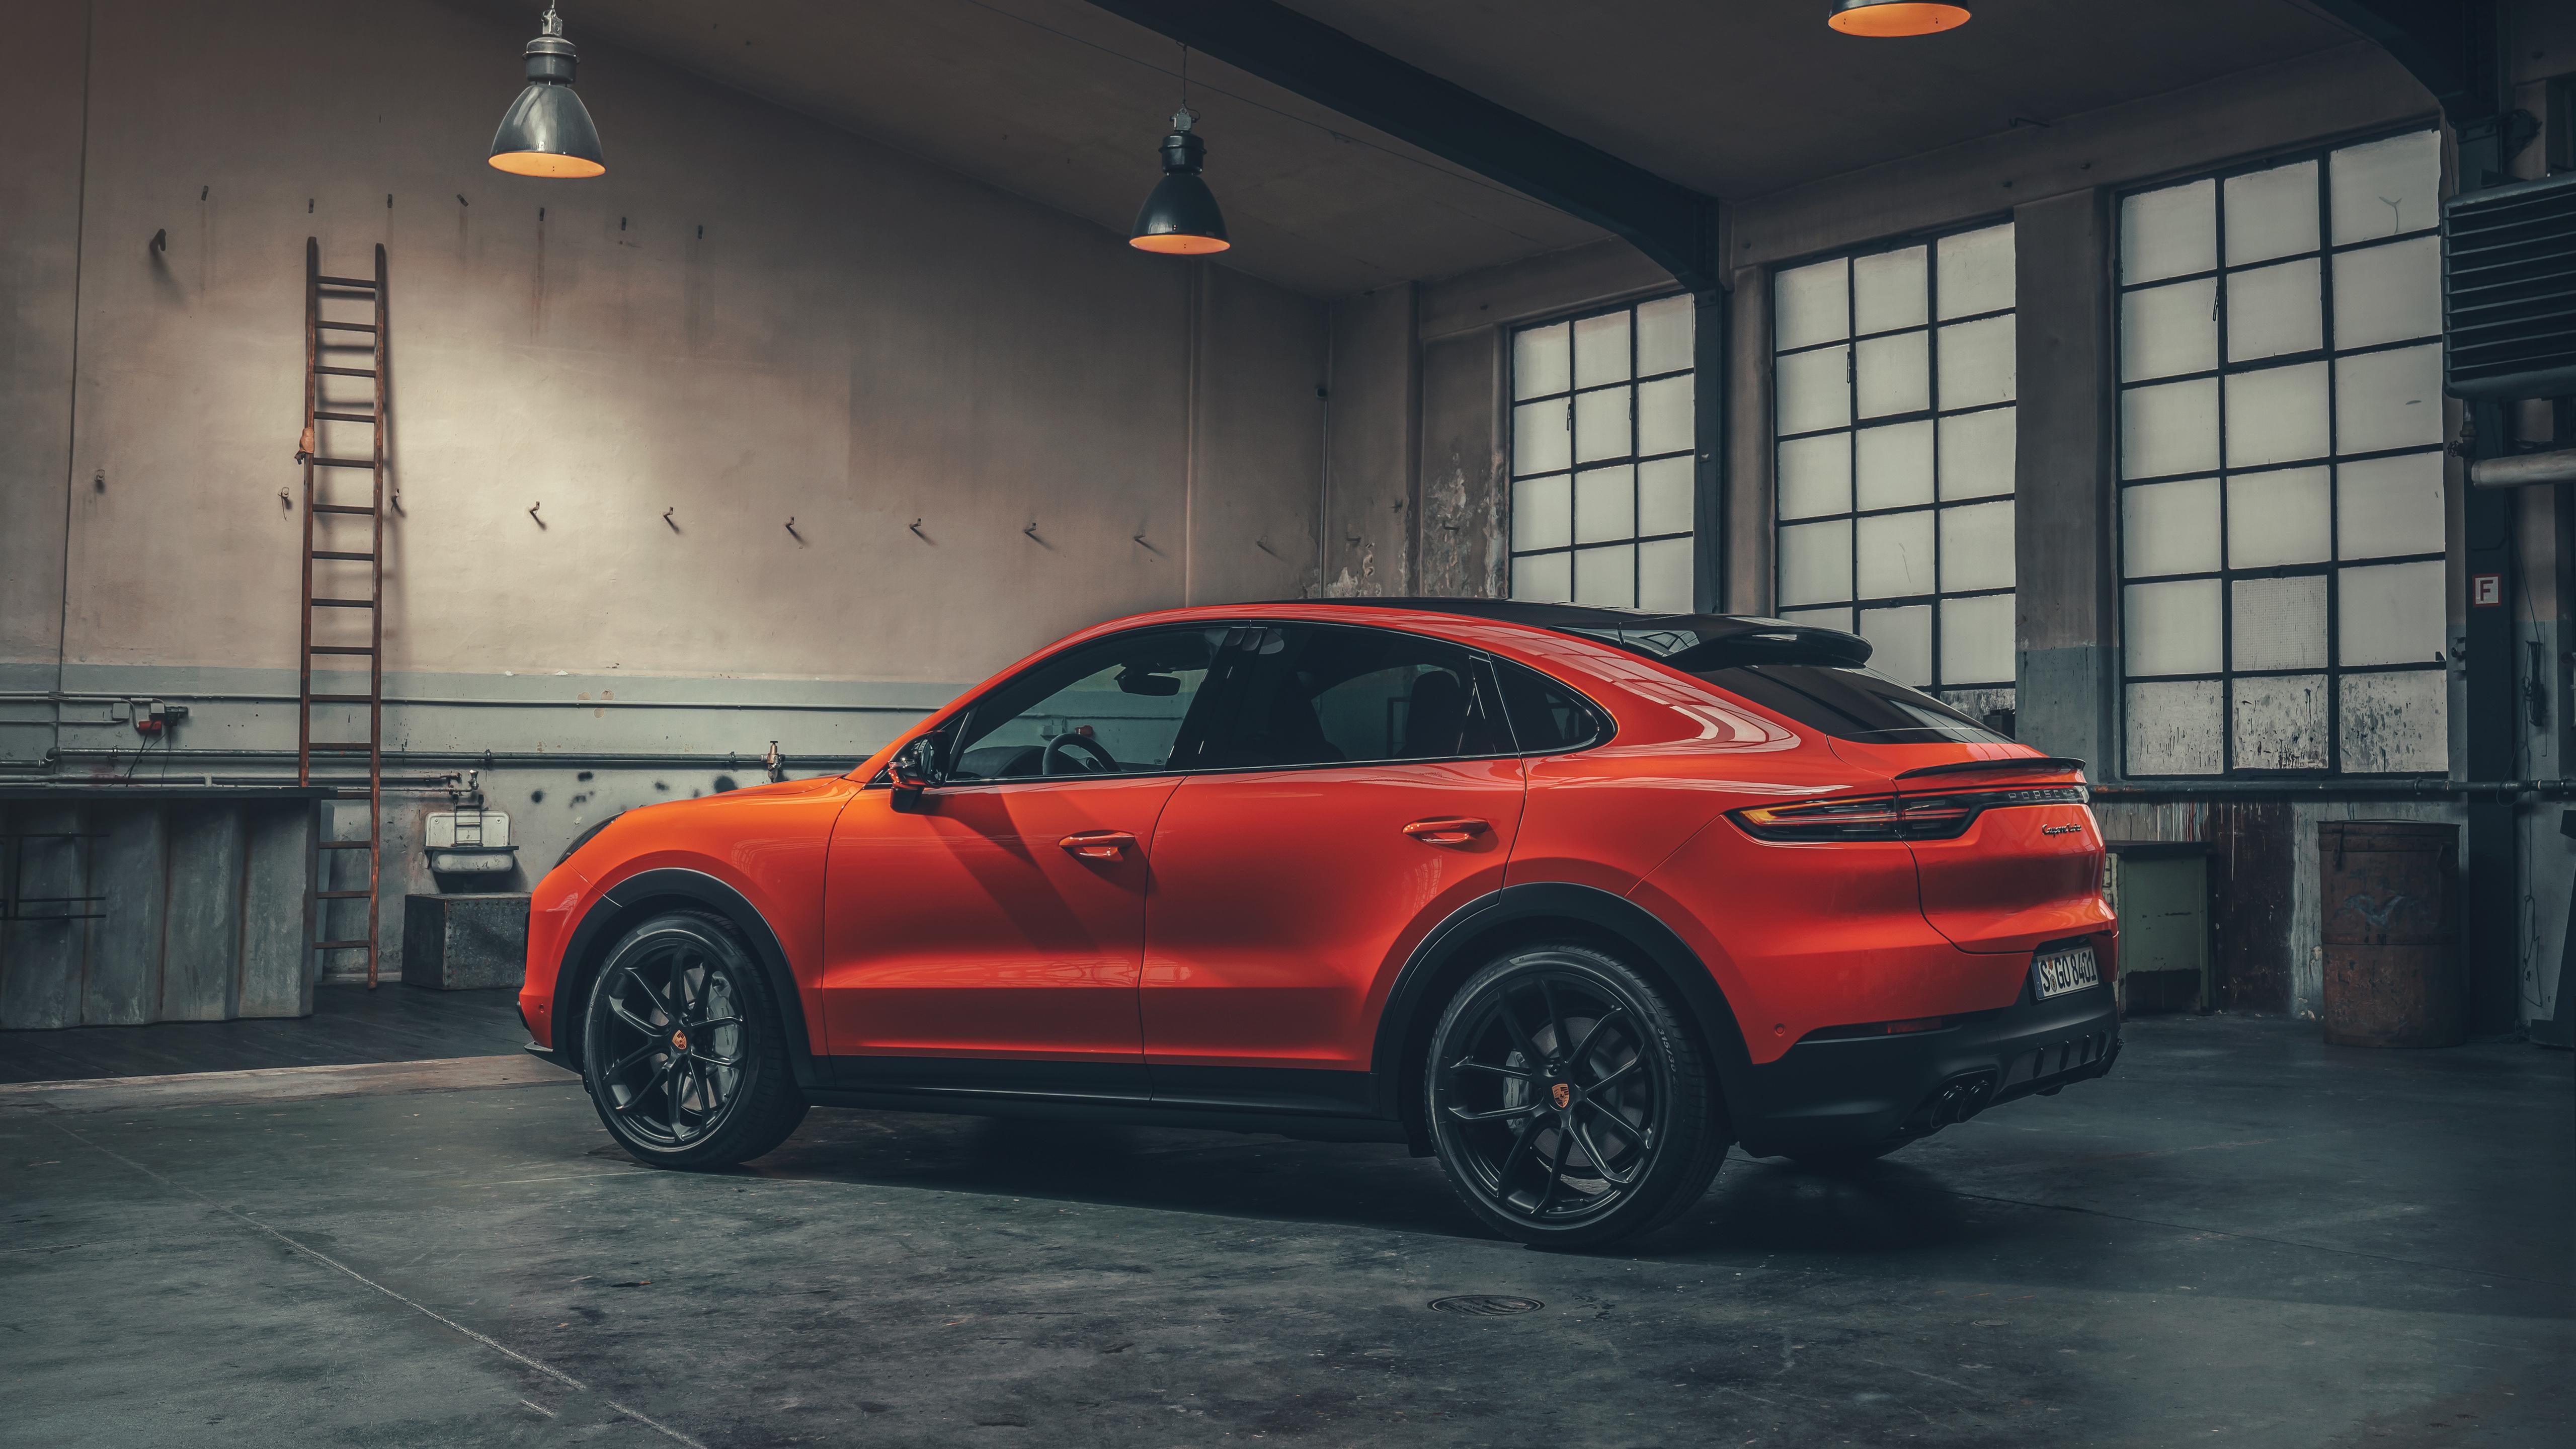 Porsche Cayenne Turbo Coupe 2019 4K 2 Wallpaper HD Car 5120x2880